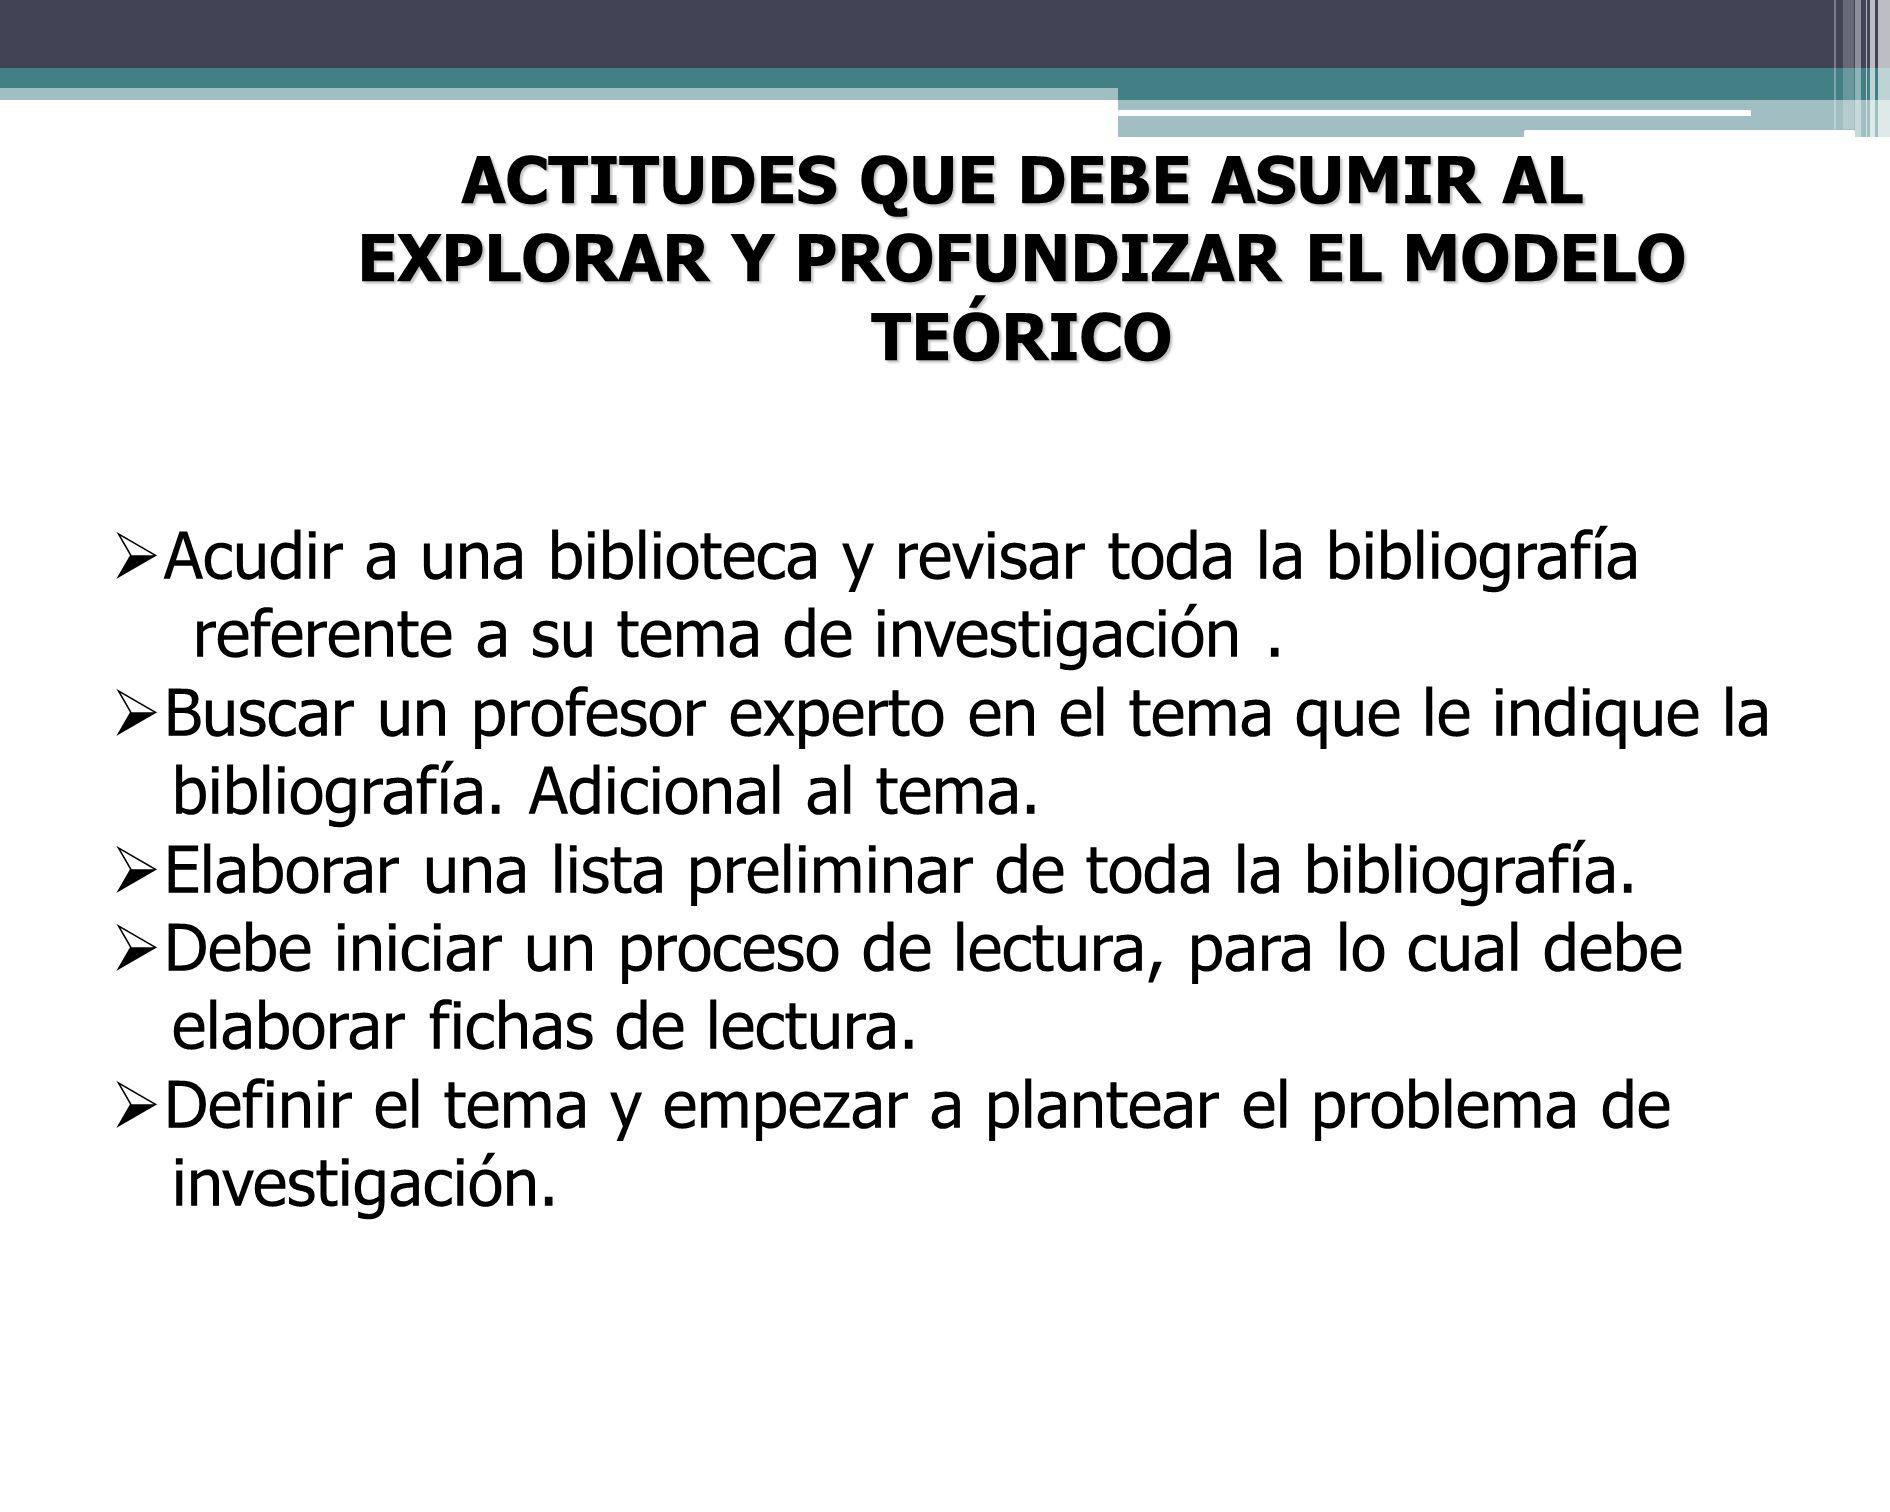 ACTITUDES QUE DEBE ASUMIR AL EXPLORAR Y PROFUNDIZAR EL MODELO TEÓRICO Acudir a una biblioteca y revisar toda la bibliografía referente a su tema de investigación.